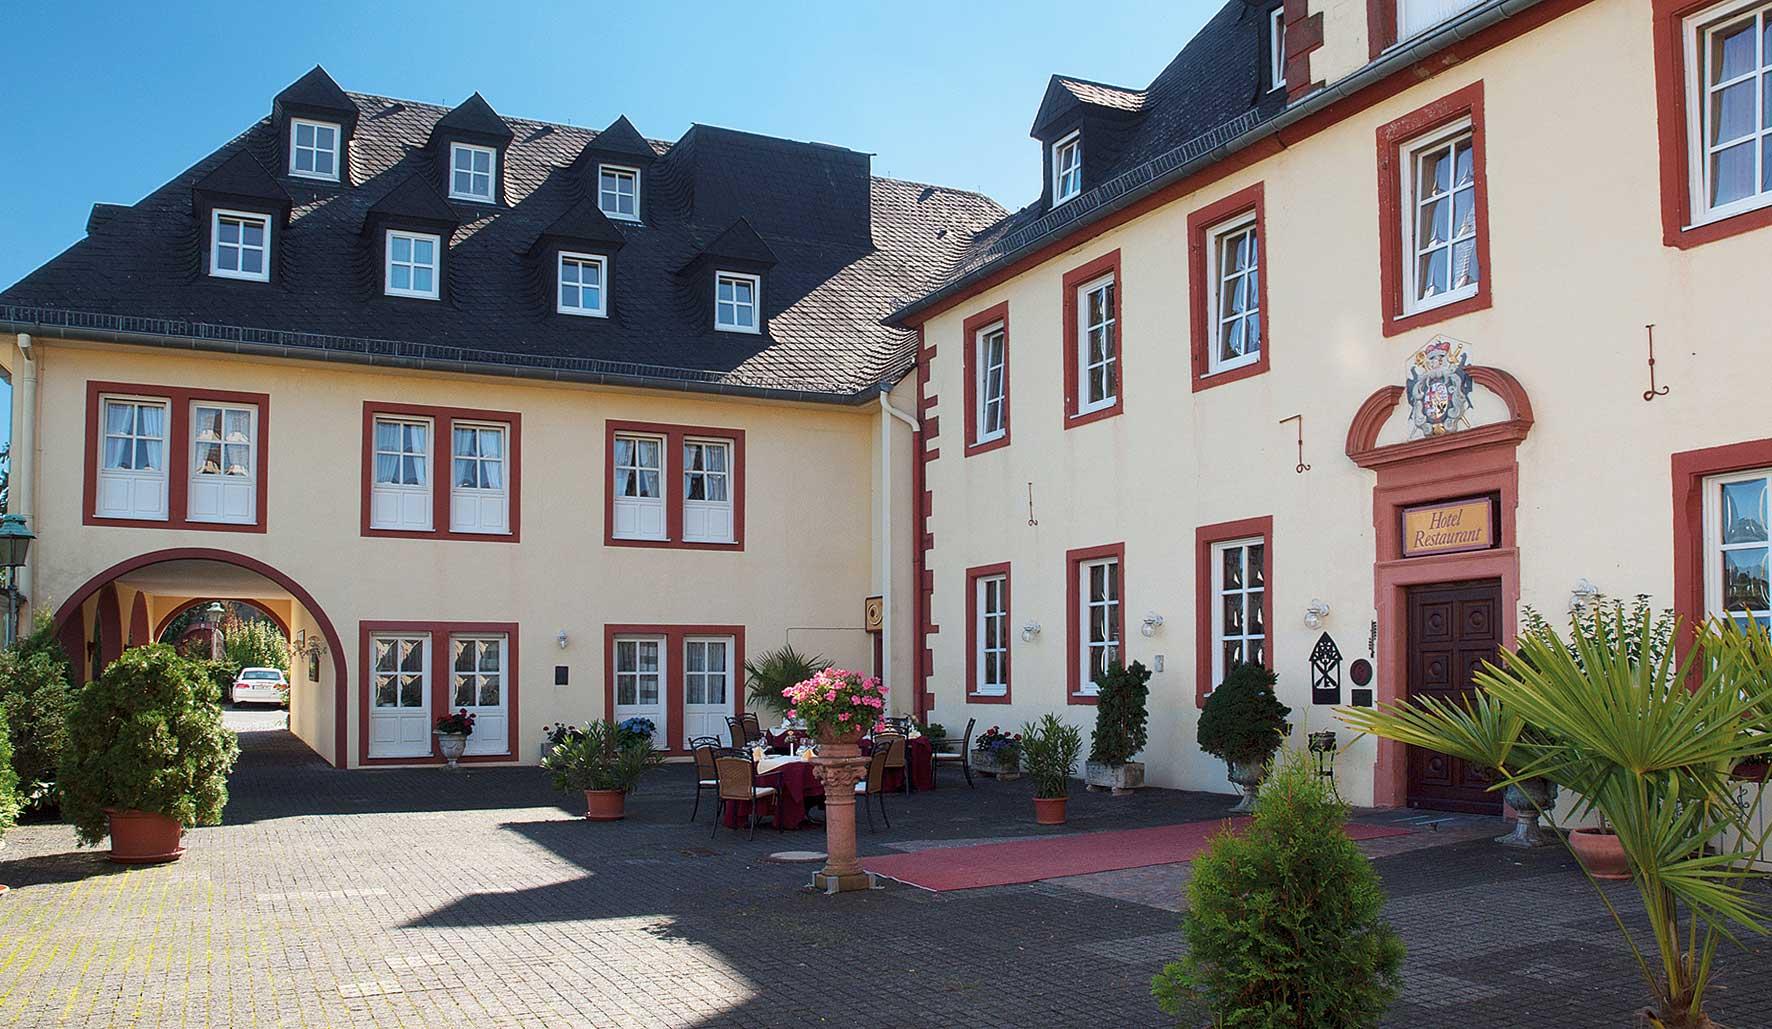 Schlosshotel Kurfürstliches Amtshaus Daunerburg, Daun